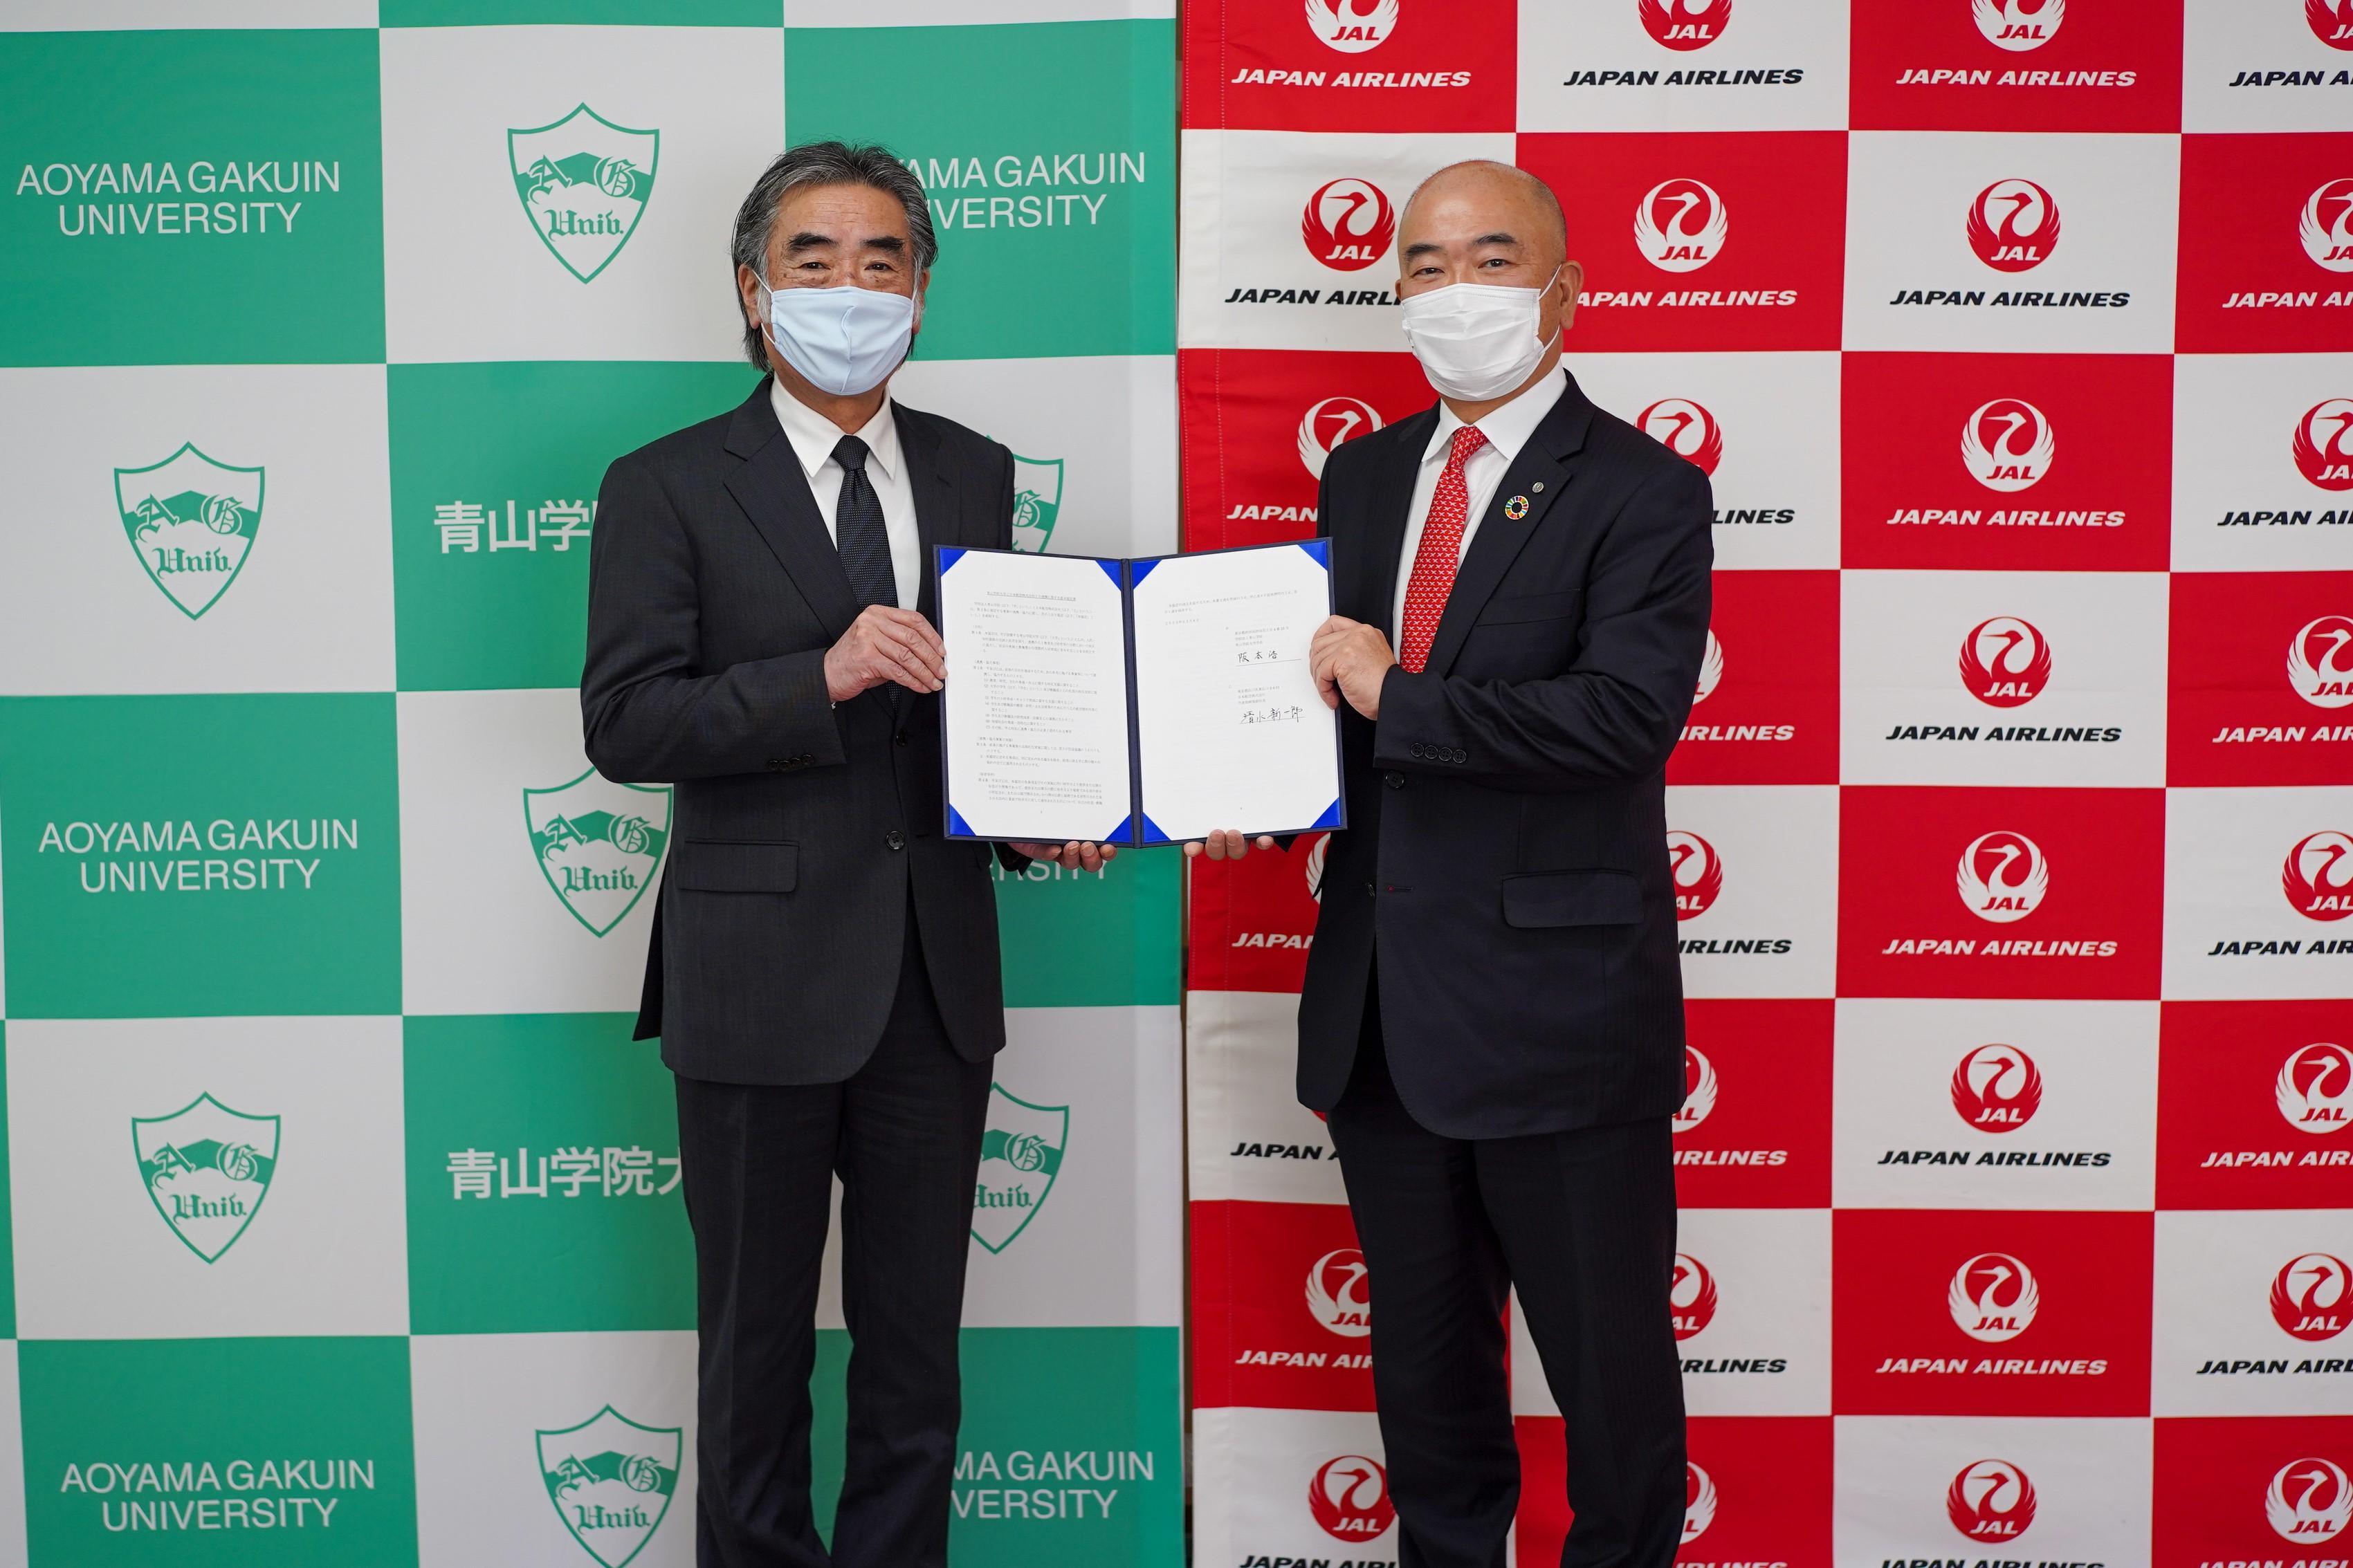 青山学院大学とJAL、連携協定を締結